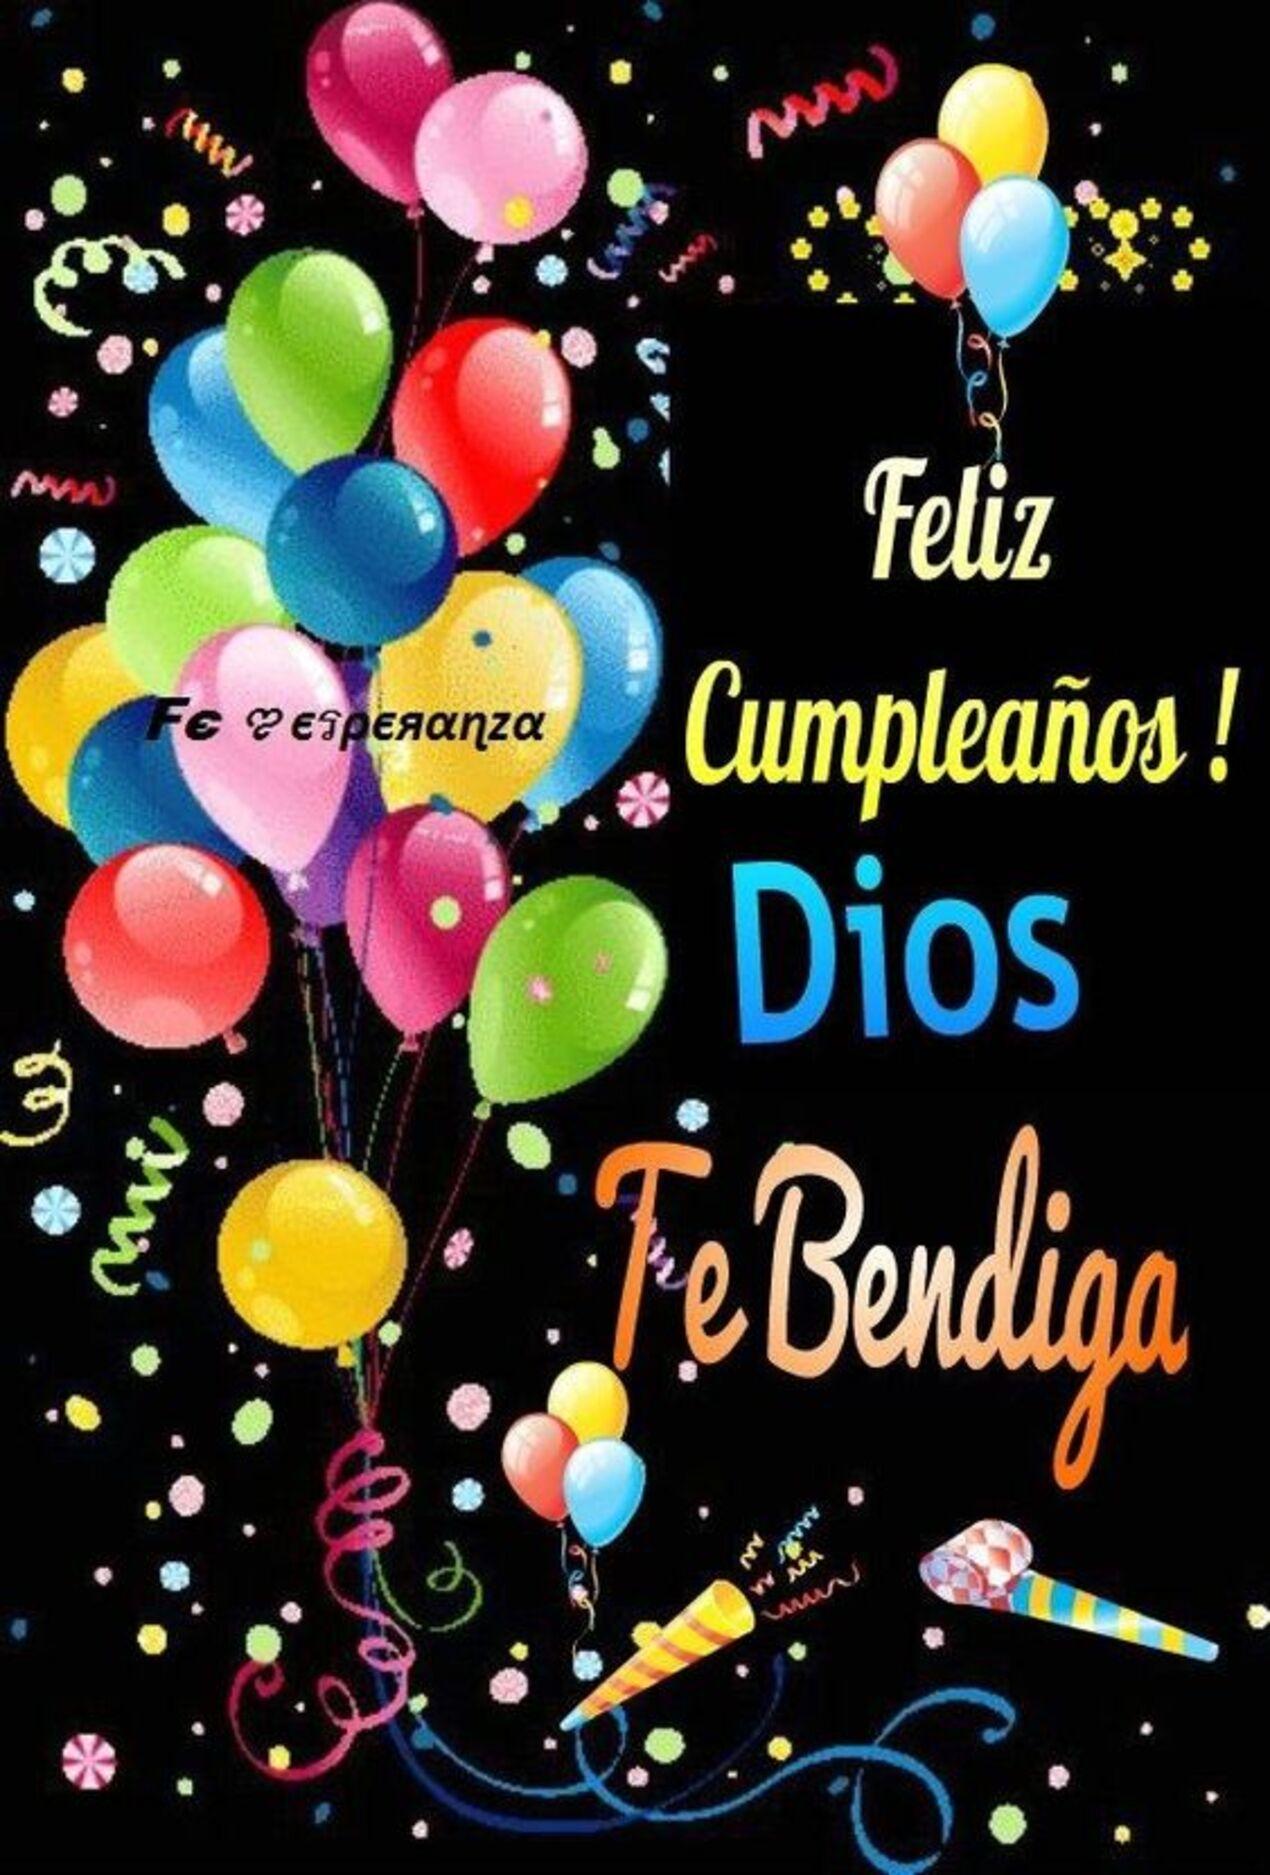 Feliz cumpleaños! Dios te bendiga